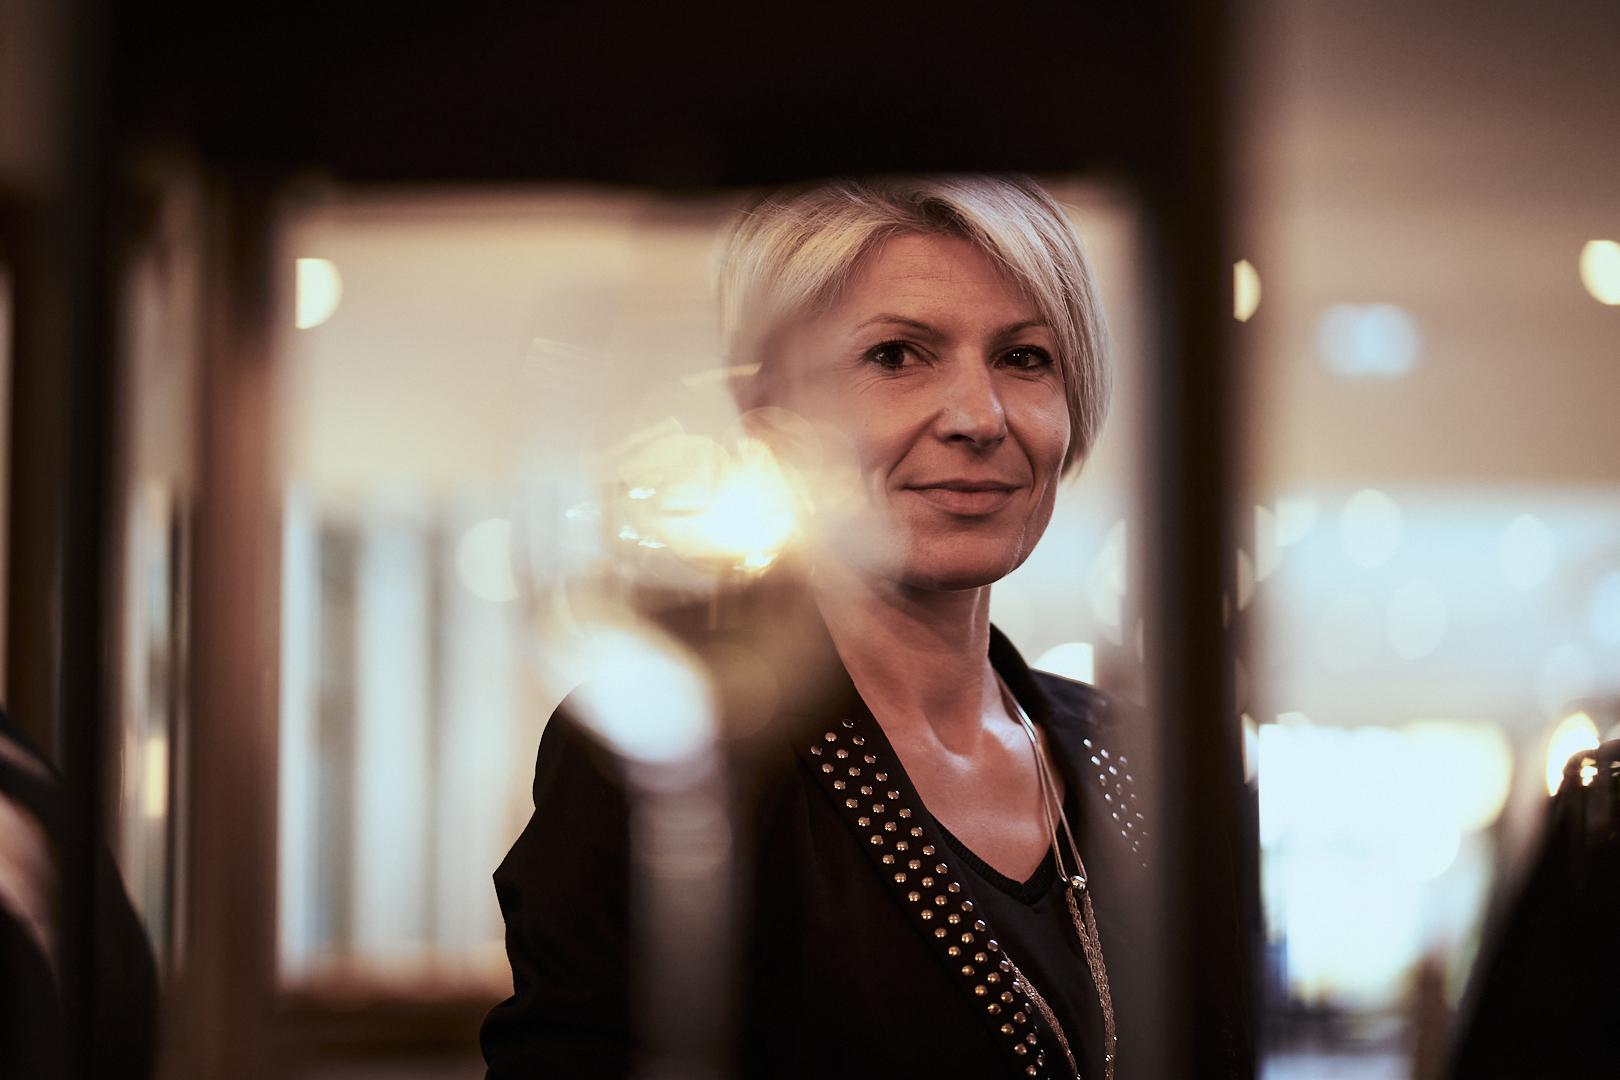 Pvk Photo | Portrais | Portrait d'une femme lors d'un évènement d'entreprise